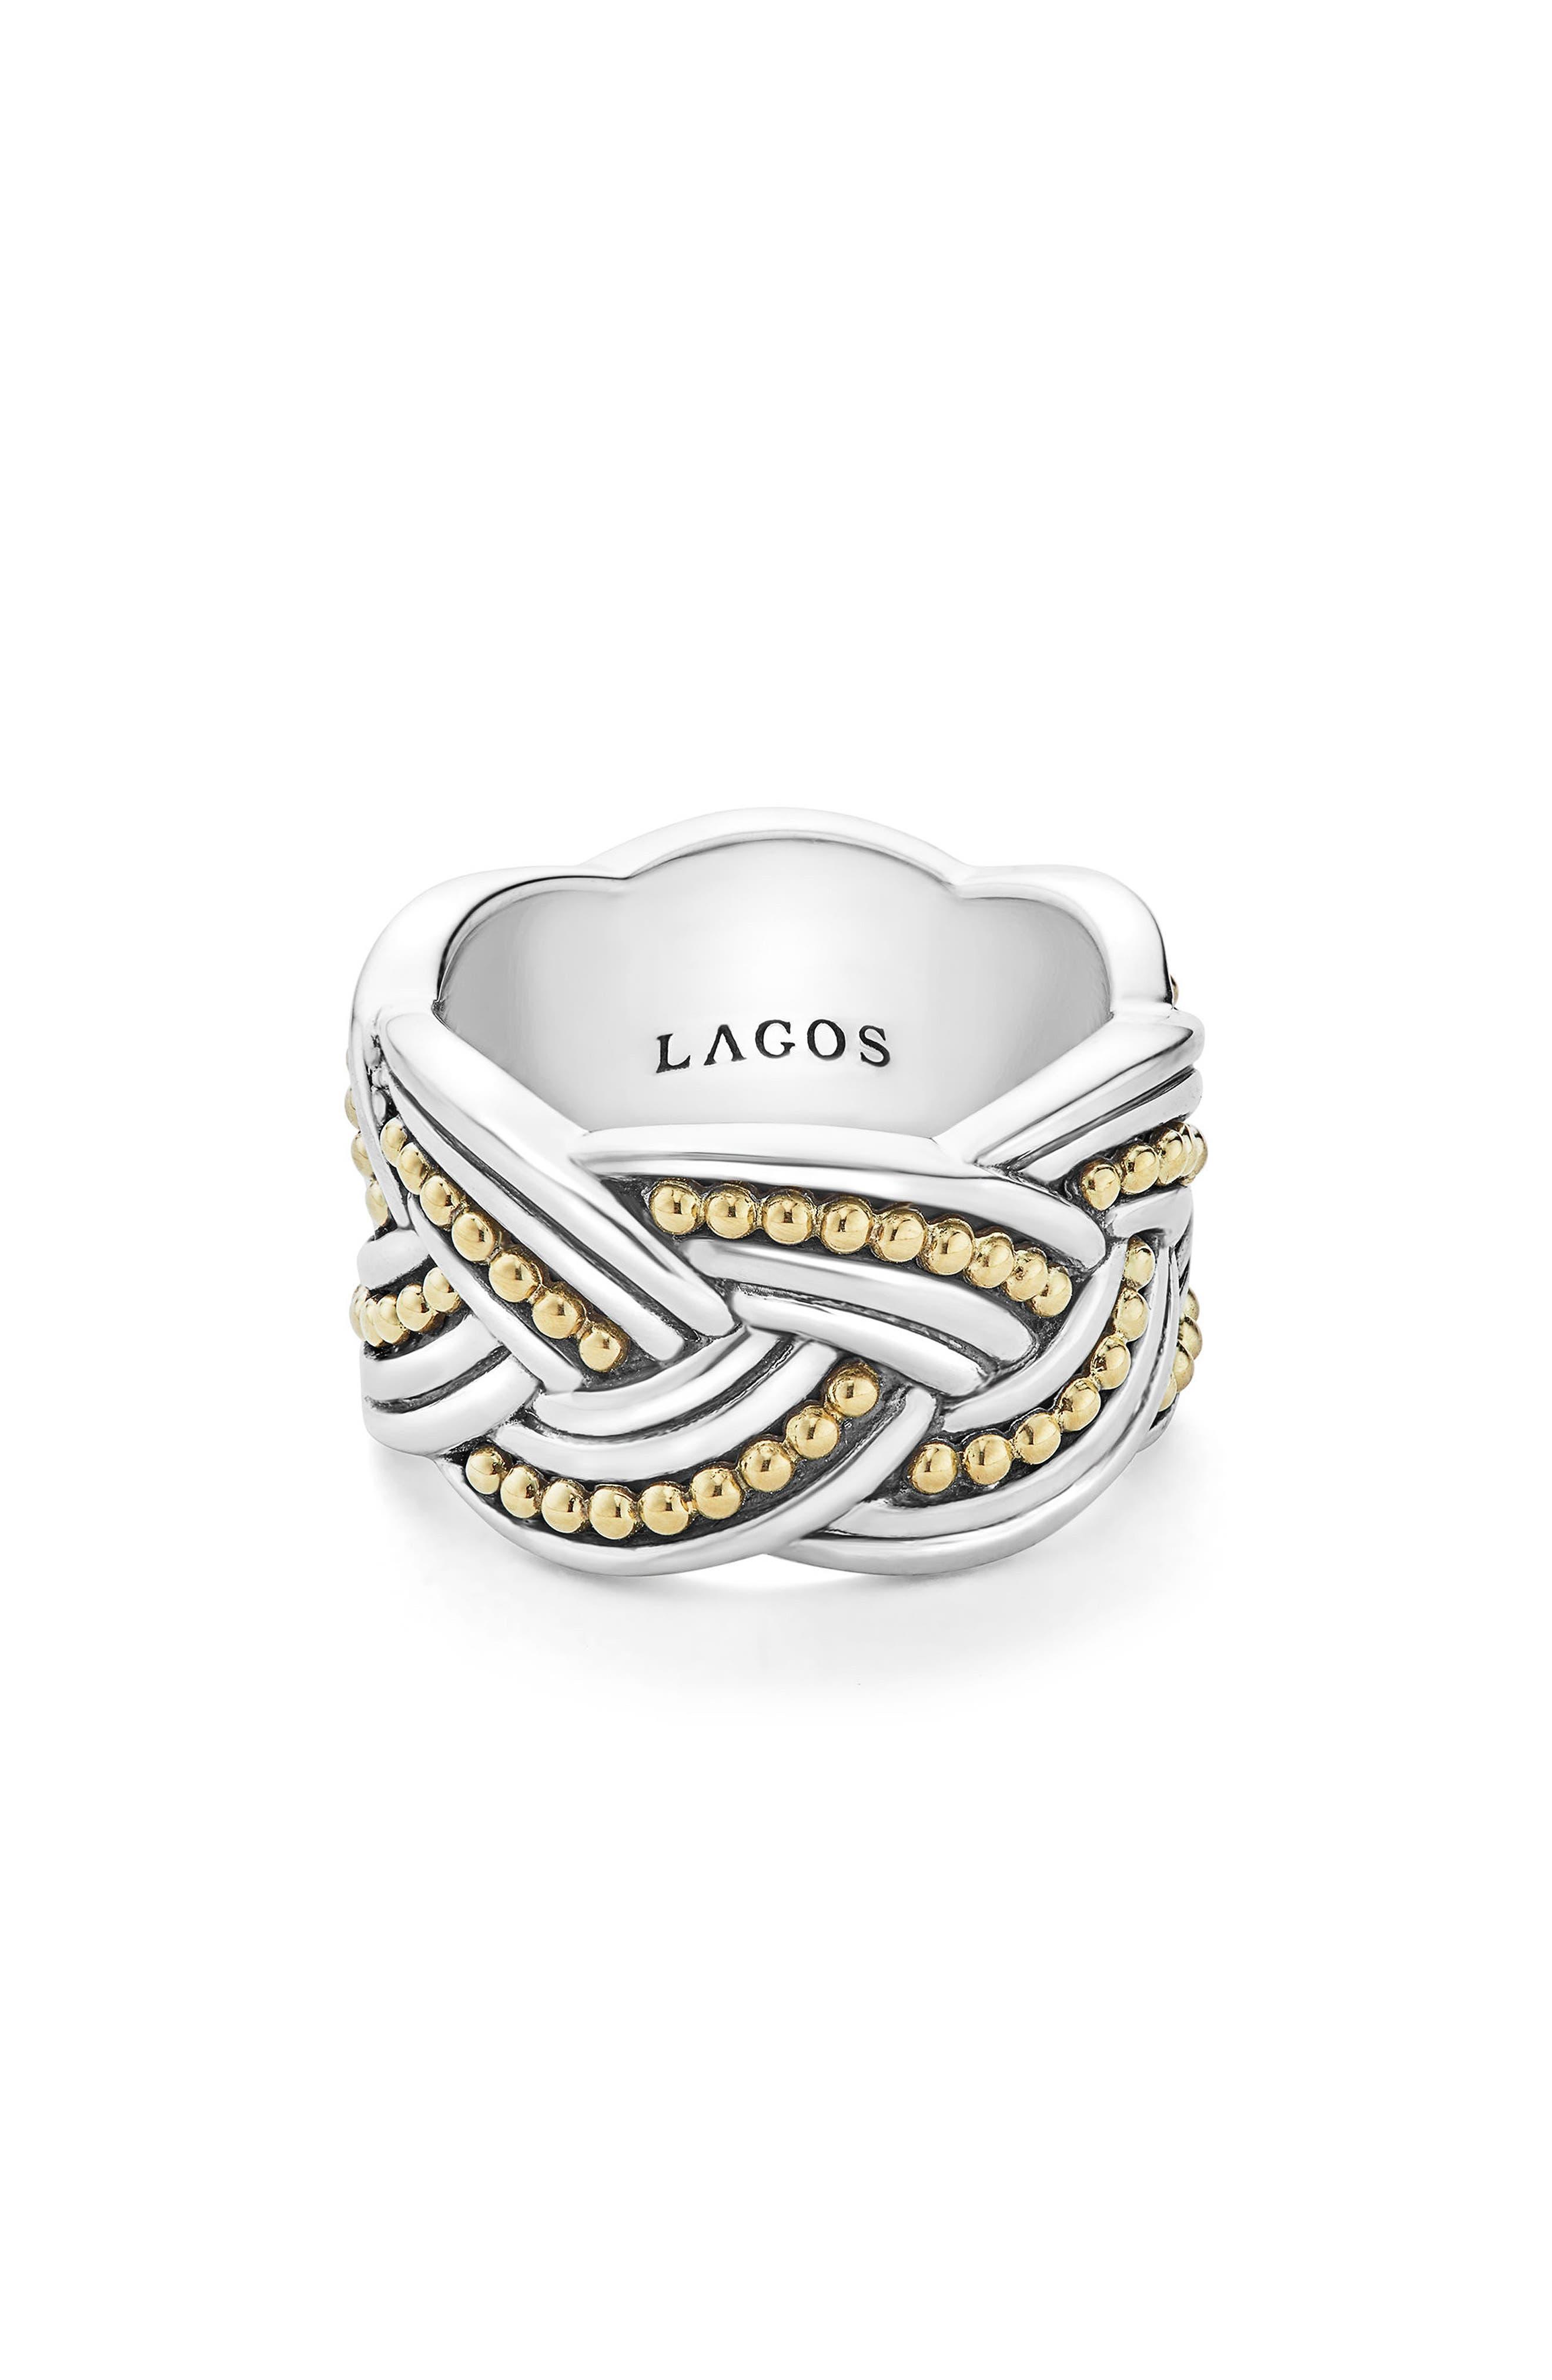 LAGOS Torsade Knot Ring, Main, color, 040